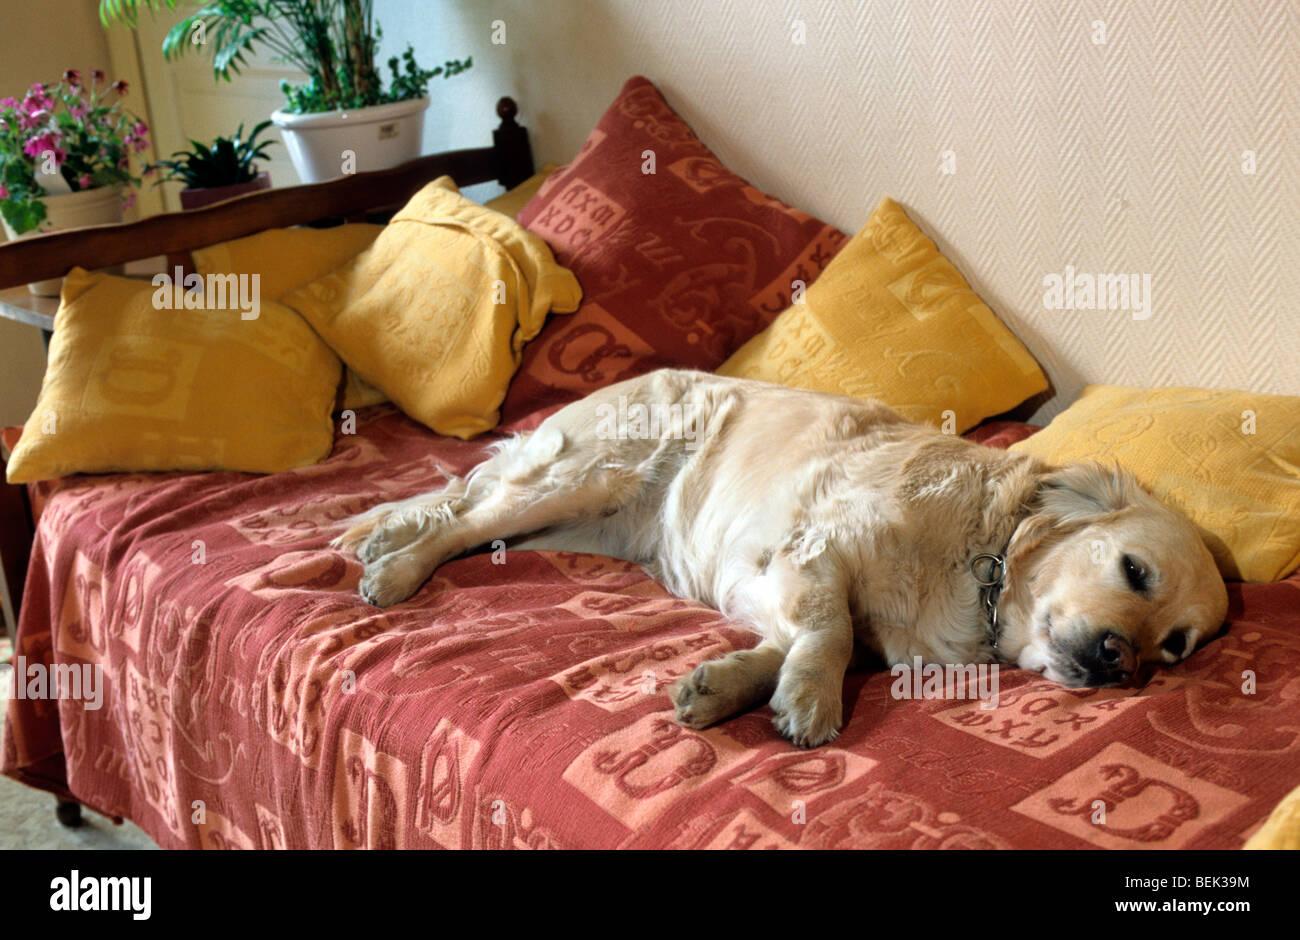 golden retriever hund schlafend auf bett schlafen zimmer zu hause im eigenen haus stockfoto. Black Bedroom Furniture Sets. Home Design Ideas